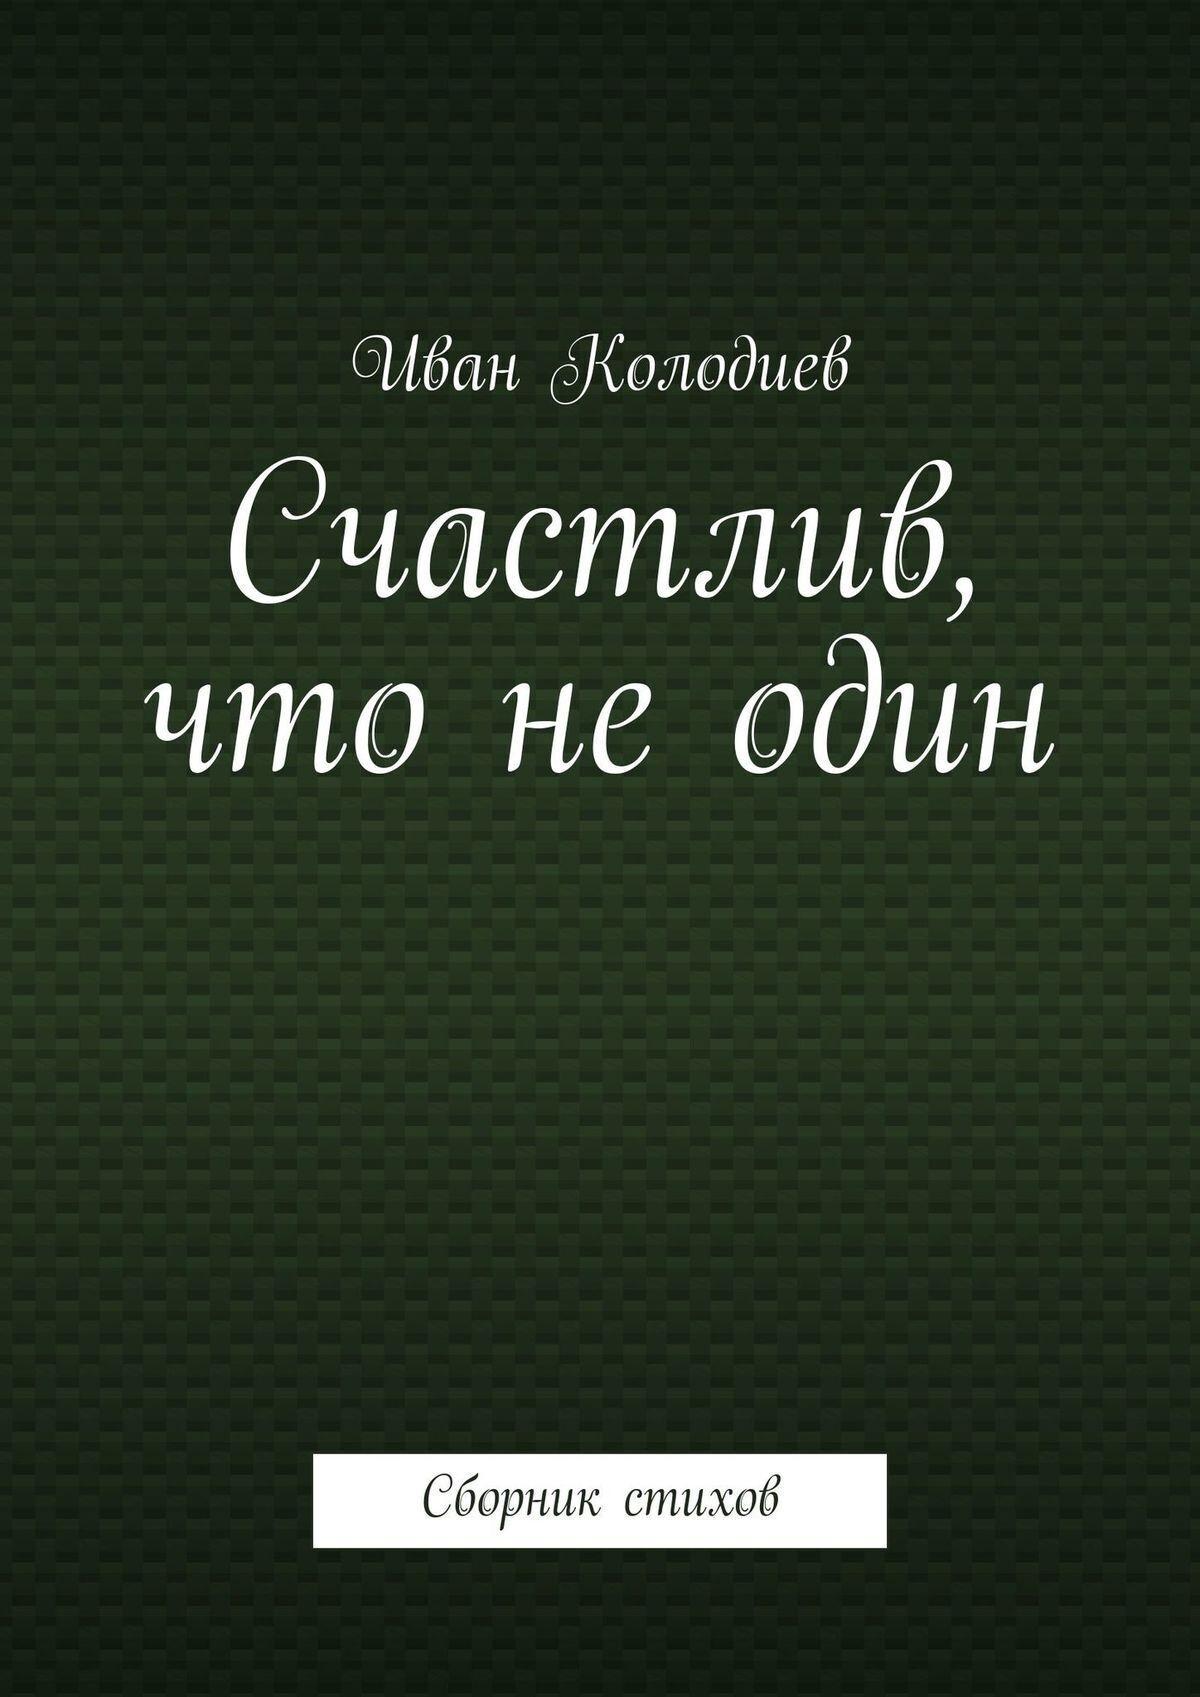 Иван Колодиев Счастлив, что неодин. Сборник стихов ирина млодик ограниченные невозможности как жить в этом мире если ты не такой как все